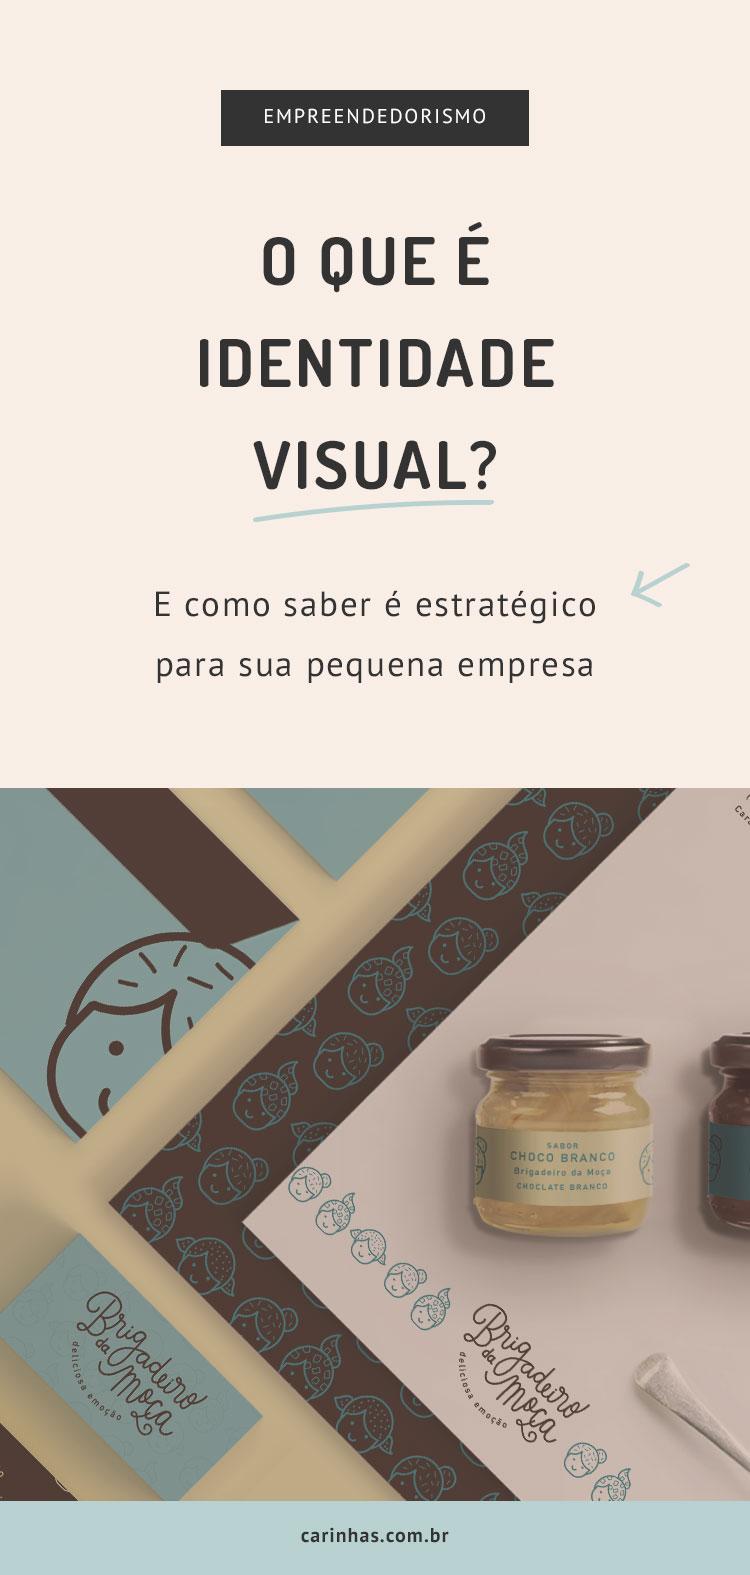 Identidade Visual: o que é isso afinal? - carinhas.com.br